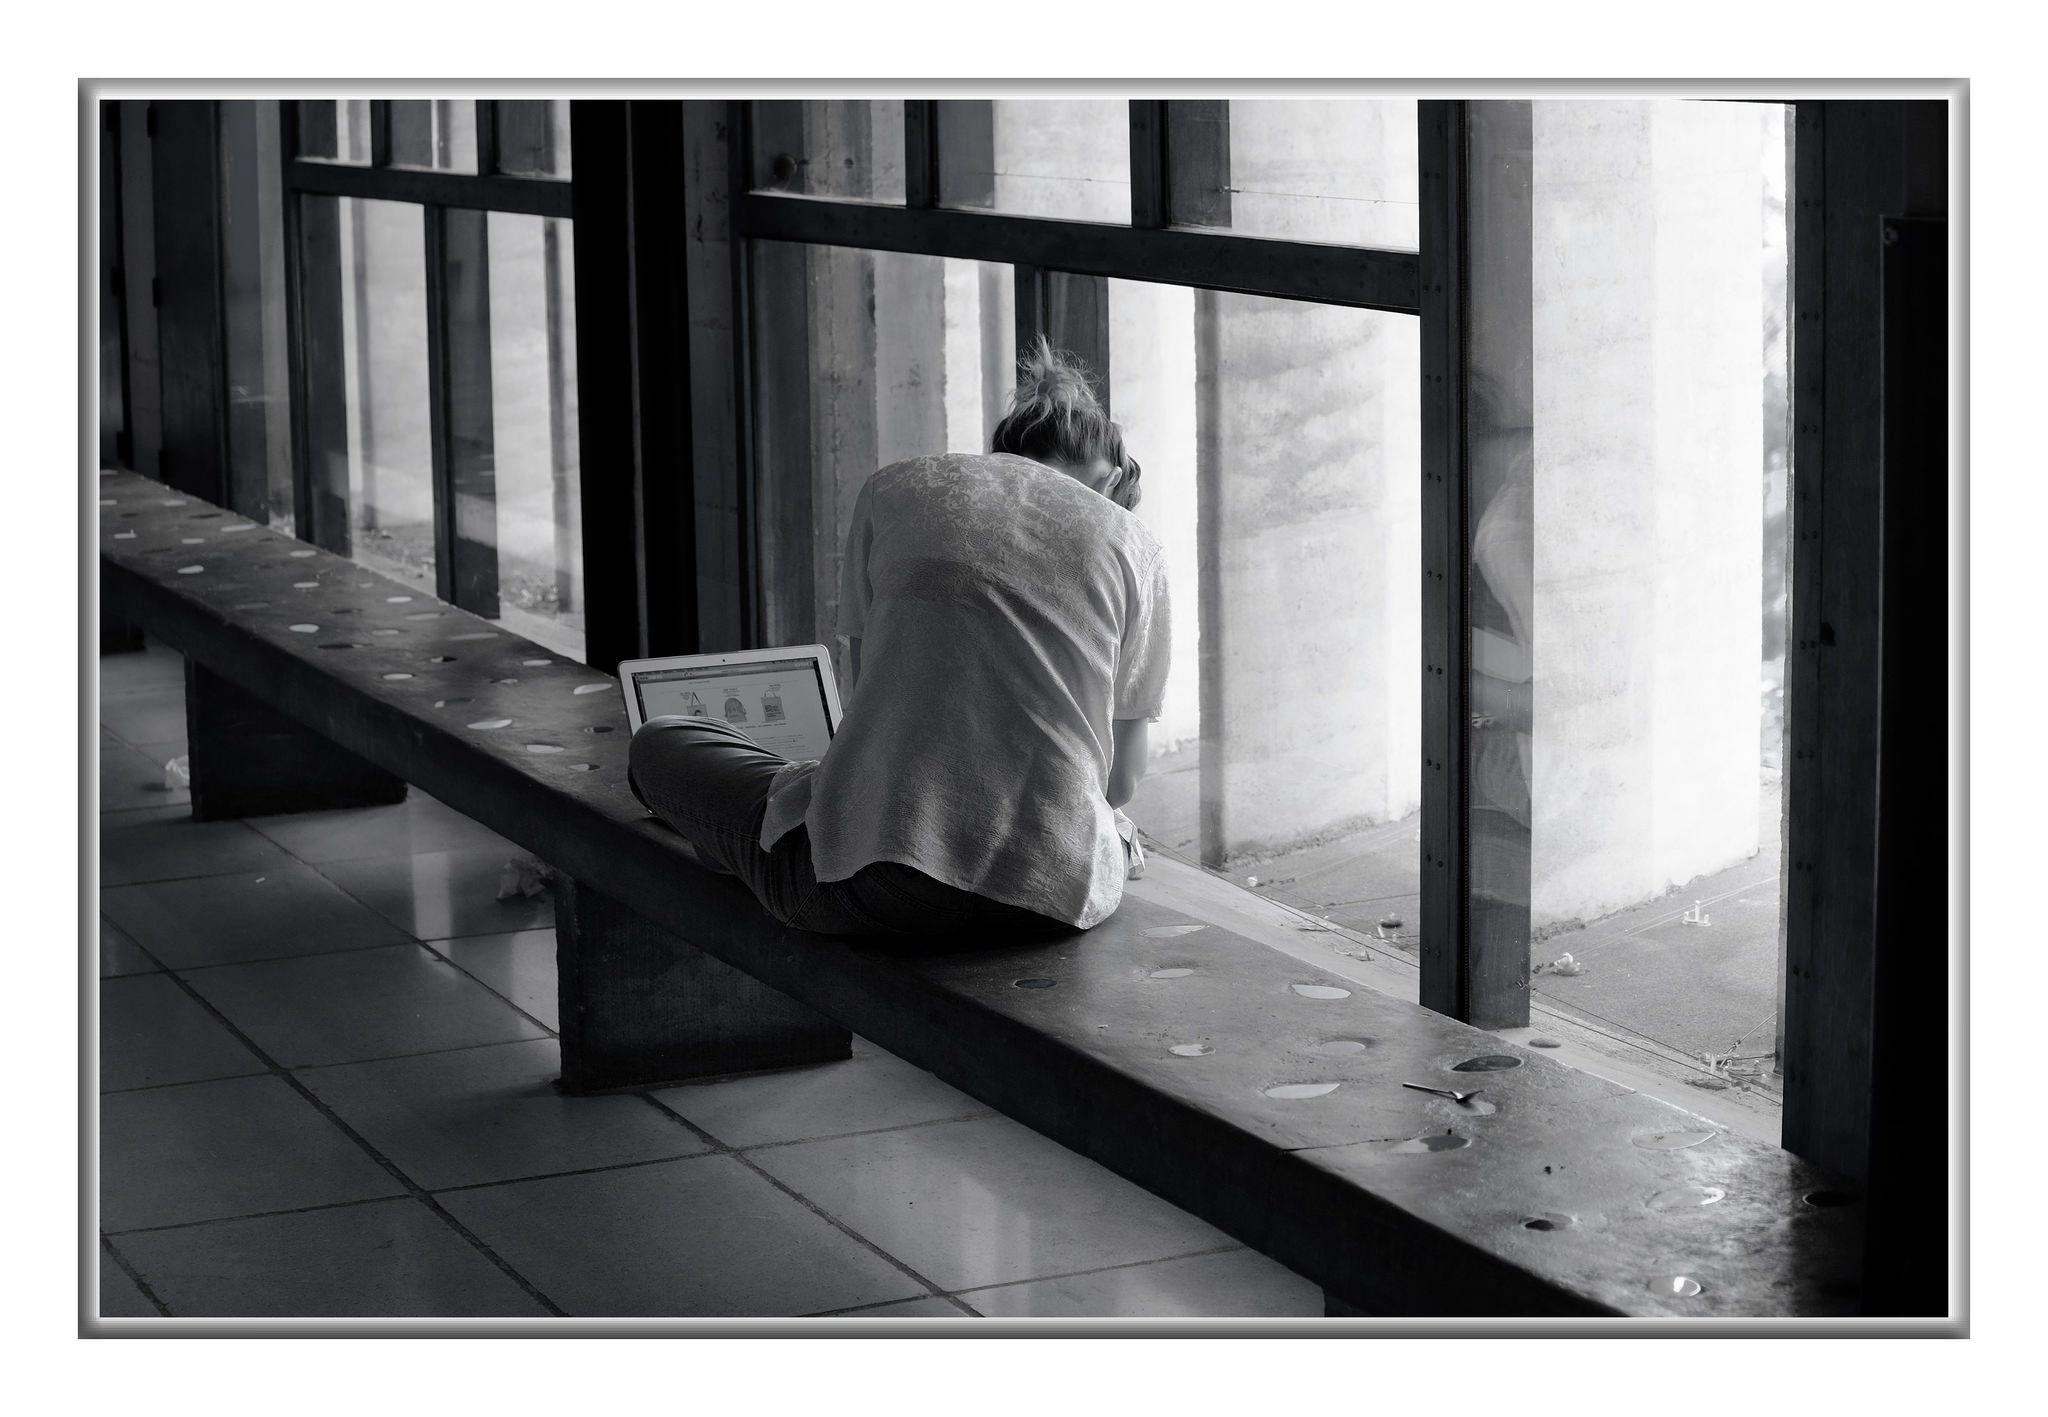 https://flic.kr/p/DRZe6A | Le Corbusier, Marseille, La Cité Radieuse. | Achevée en 1952, La Cité Radieuse voulue par Le Corbusier est installée 280, boulevard Michelet, dans le 8ème arrondissement de Marseille, non loin du Vélodrome.